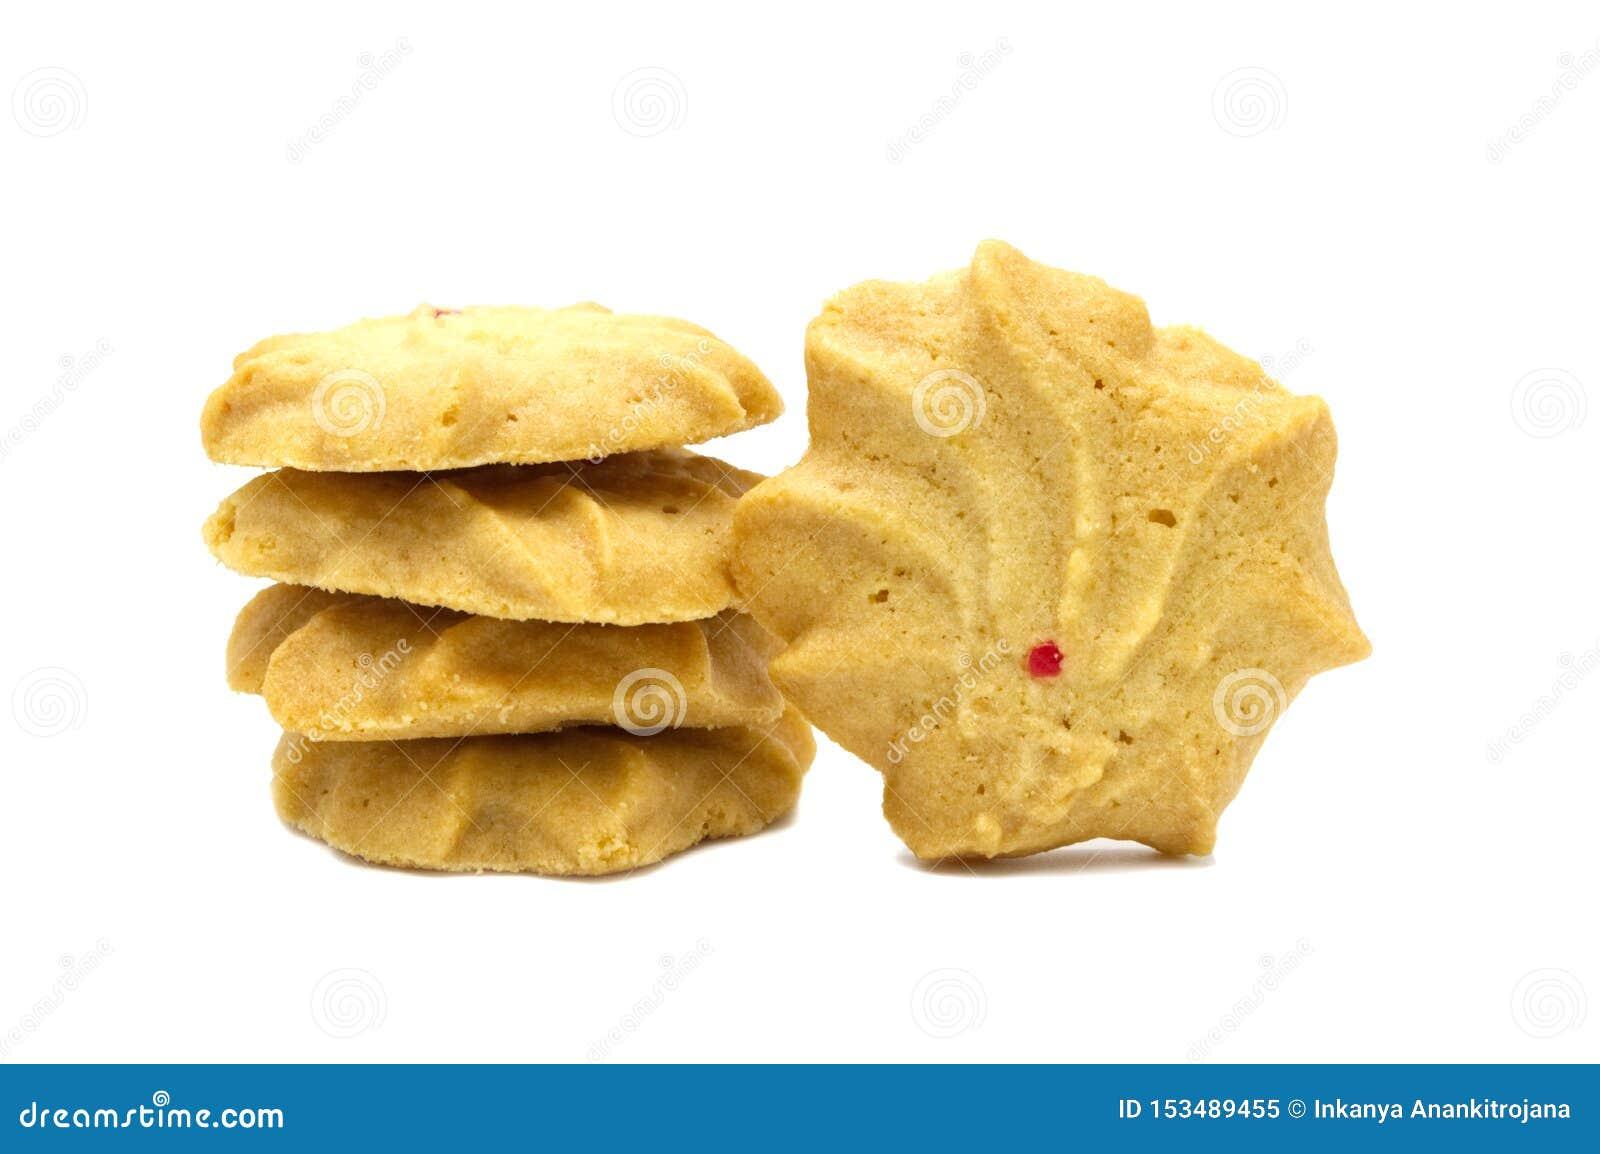 Печенье с приправленными молоком, маслом и медом Стог хрустящей очень вкусной сладкой еды и полезного печенья